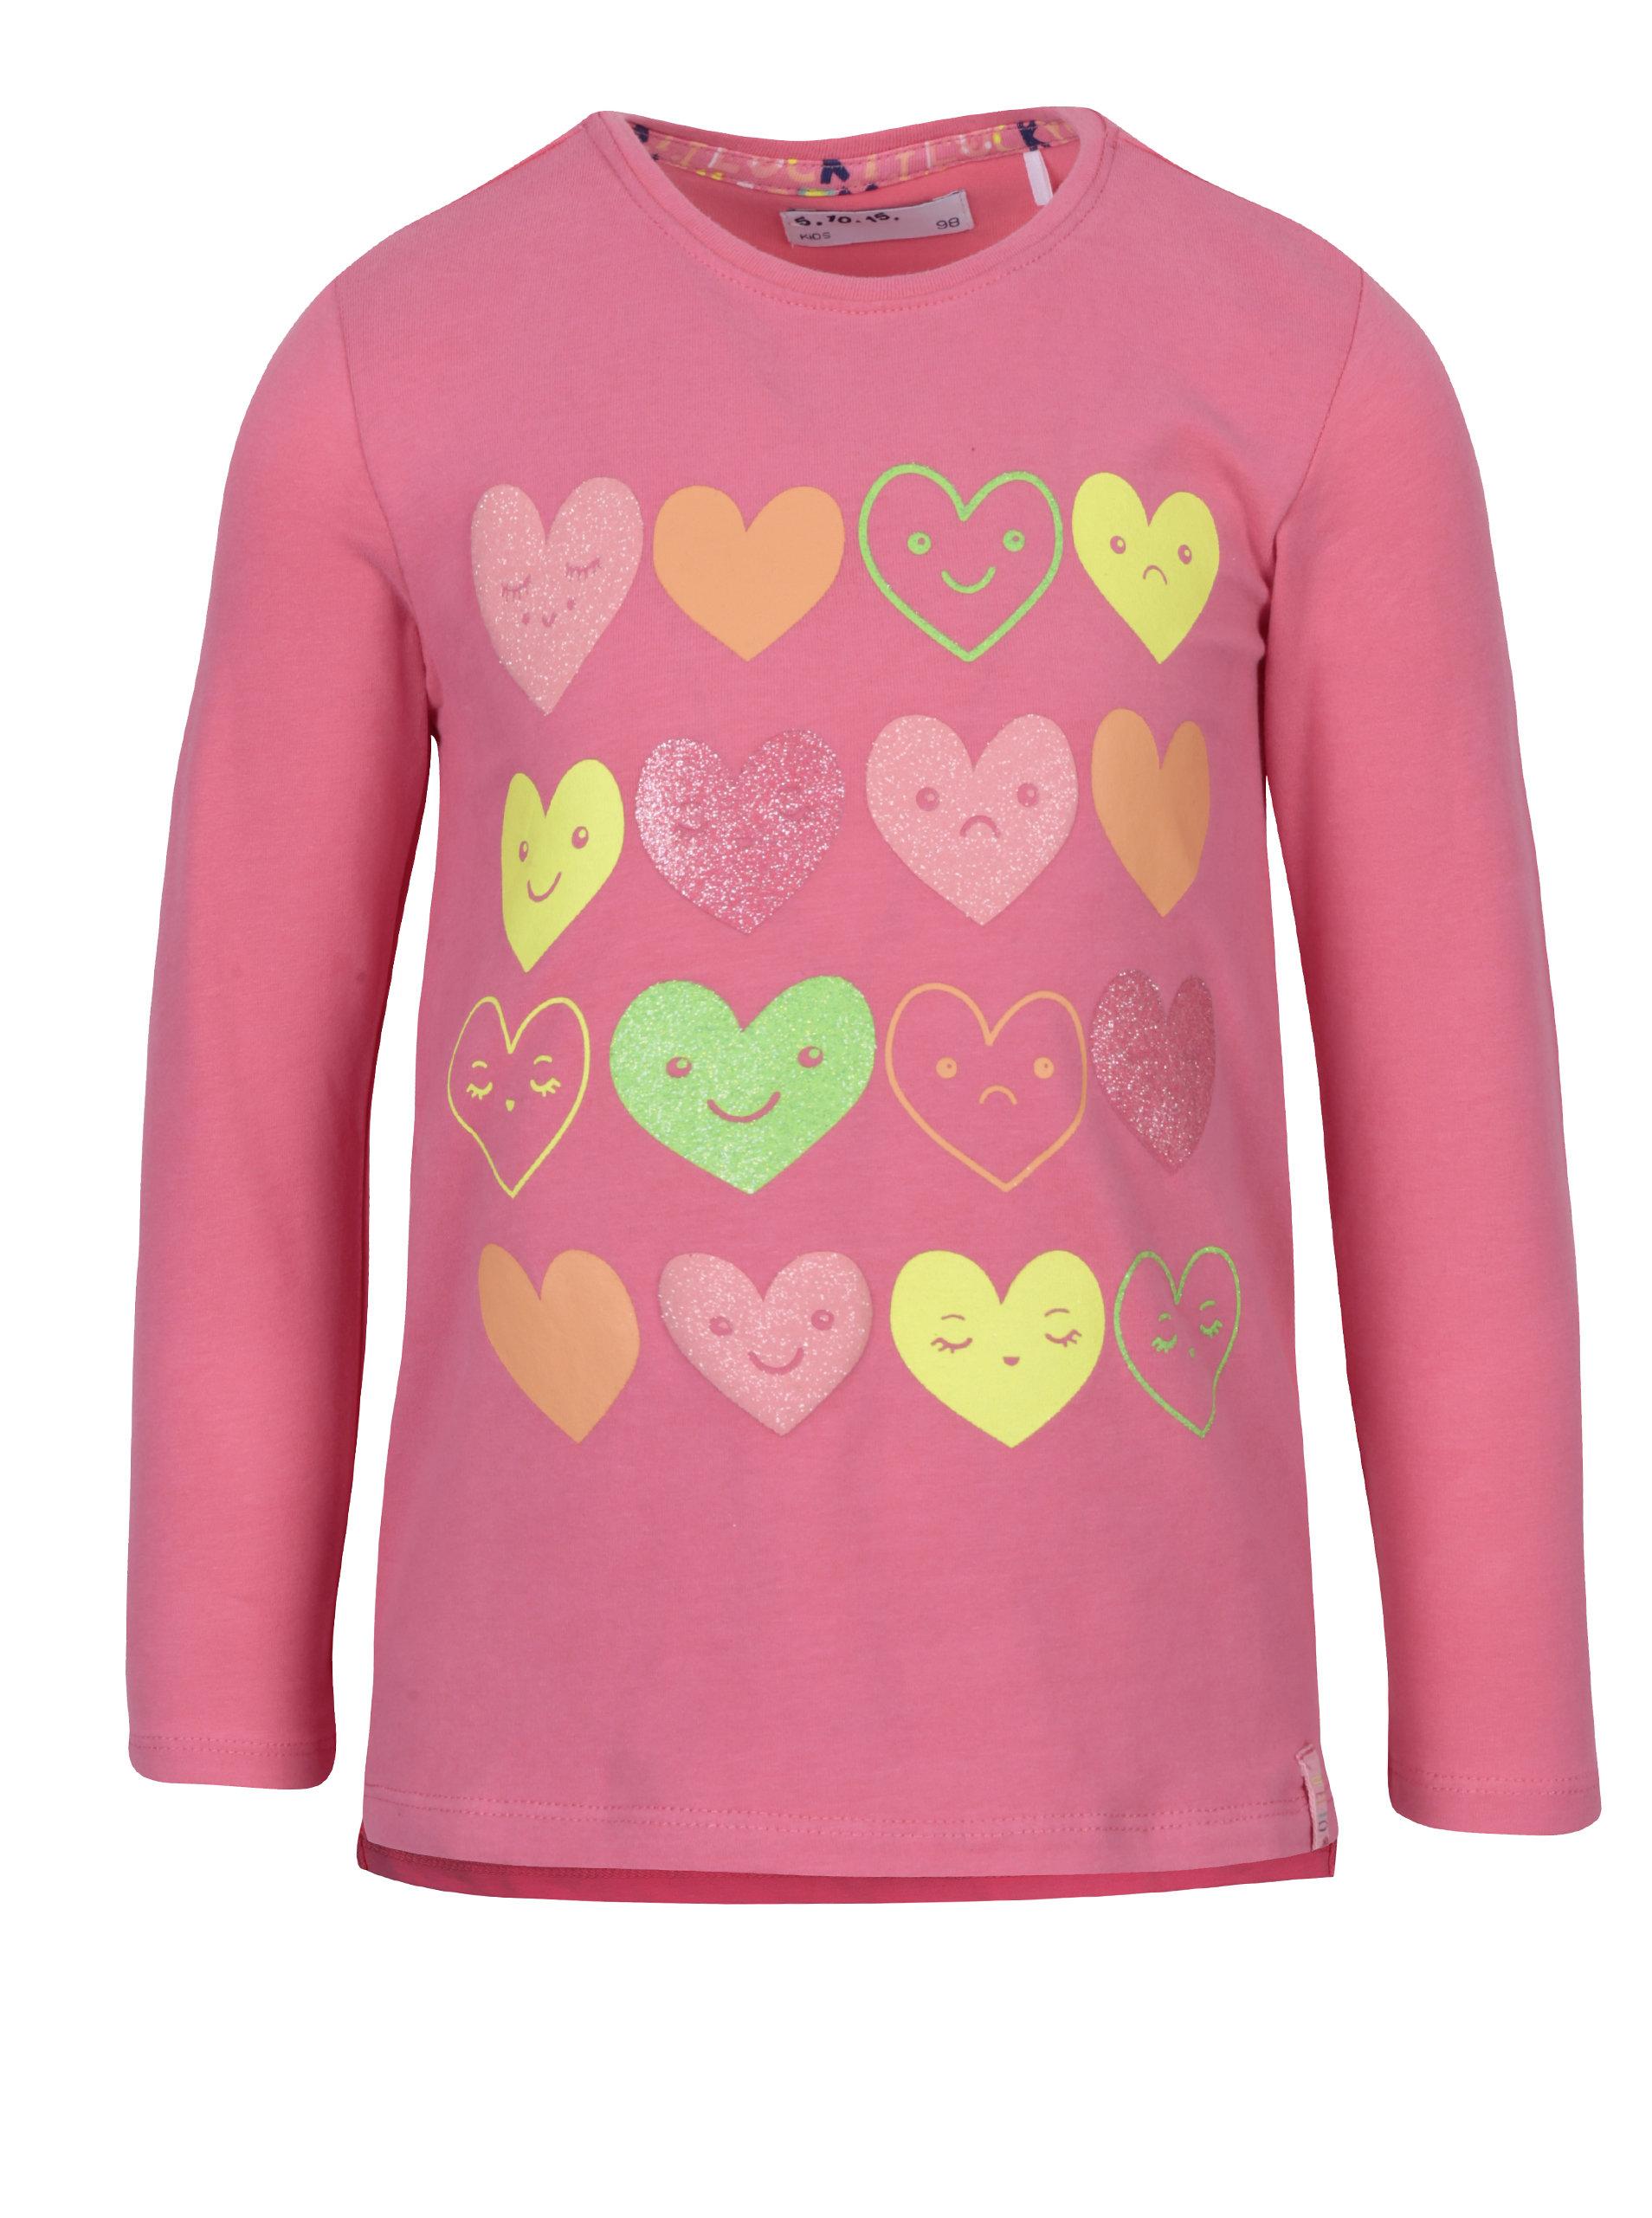 a33295b624c3 Ružové dievčenské tričko s potlačou srdiečok 5.10.15.